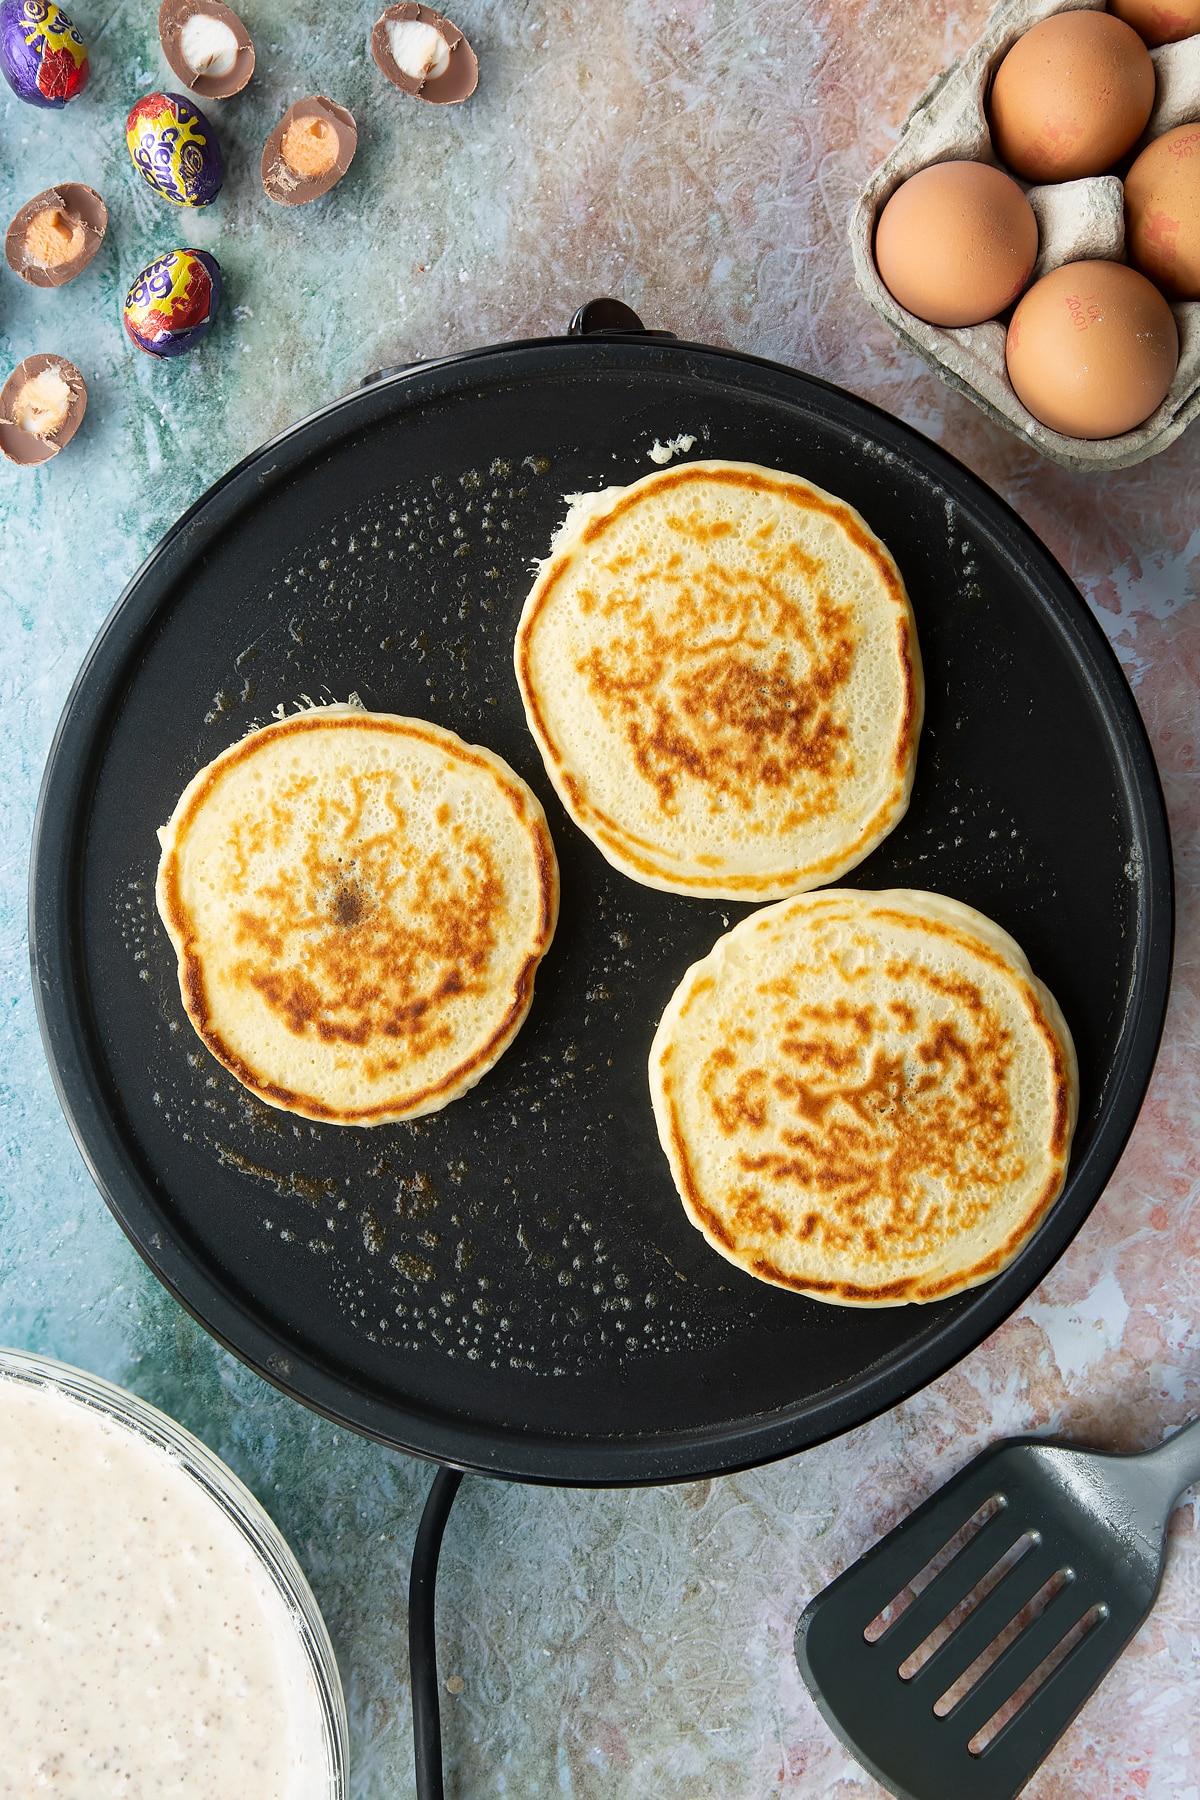 A hot pan with Creme Egg pancakes cooking. Ingredients to make Creme Egg pancakes surround the pan.